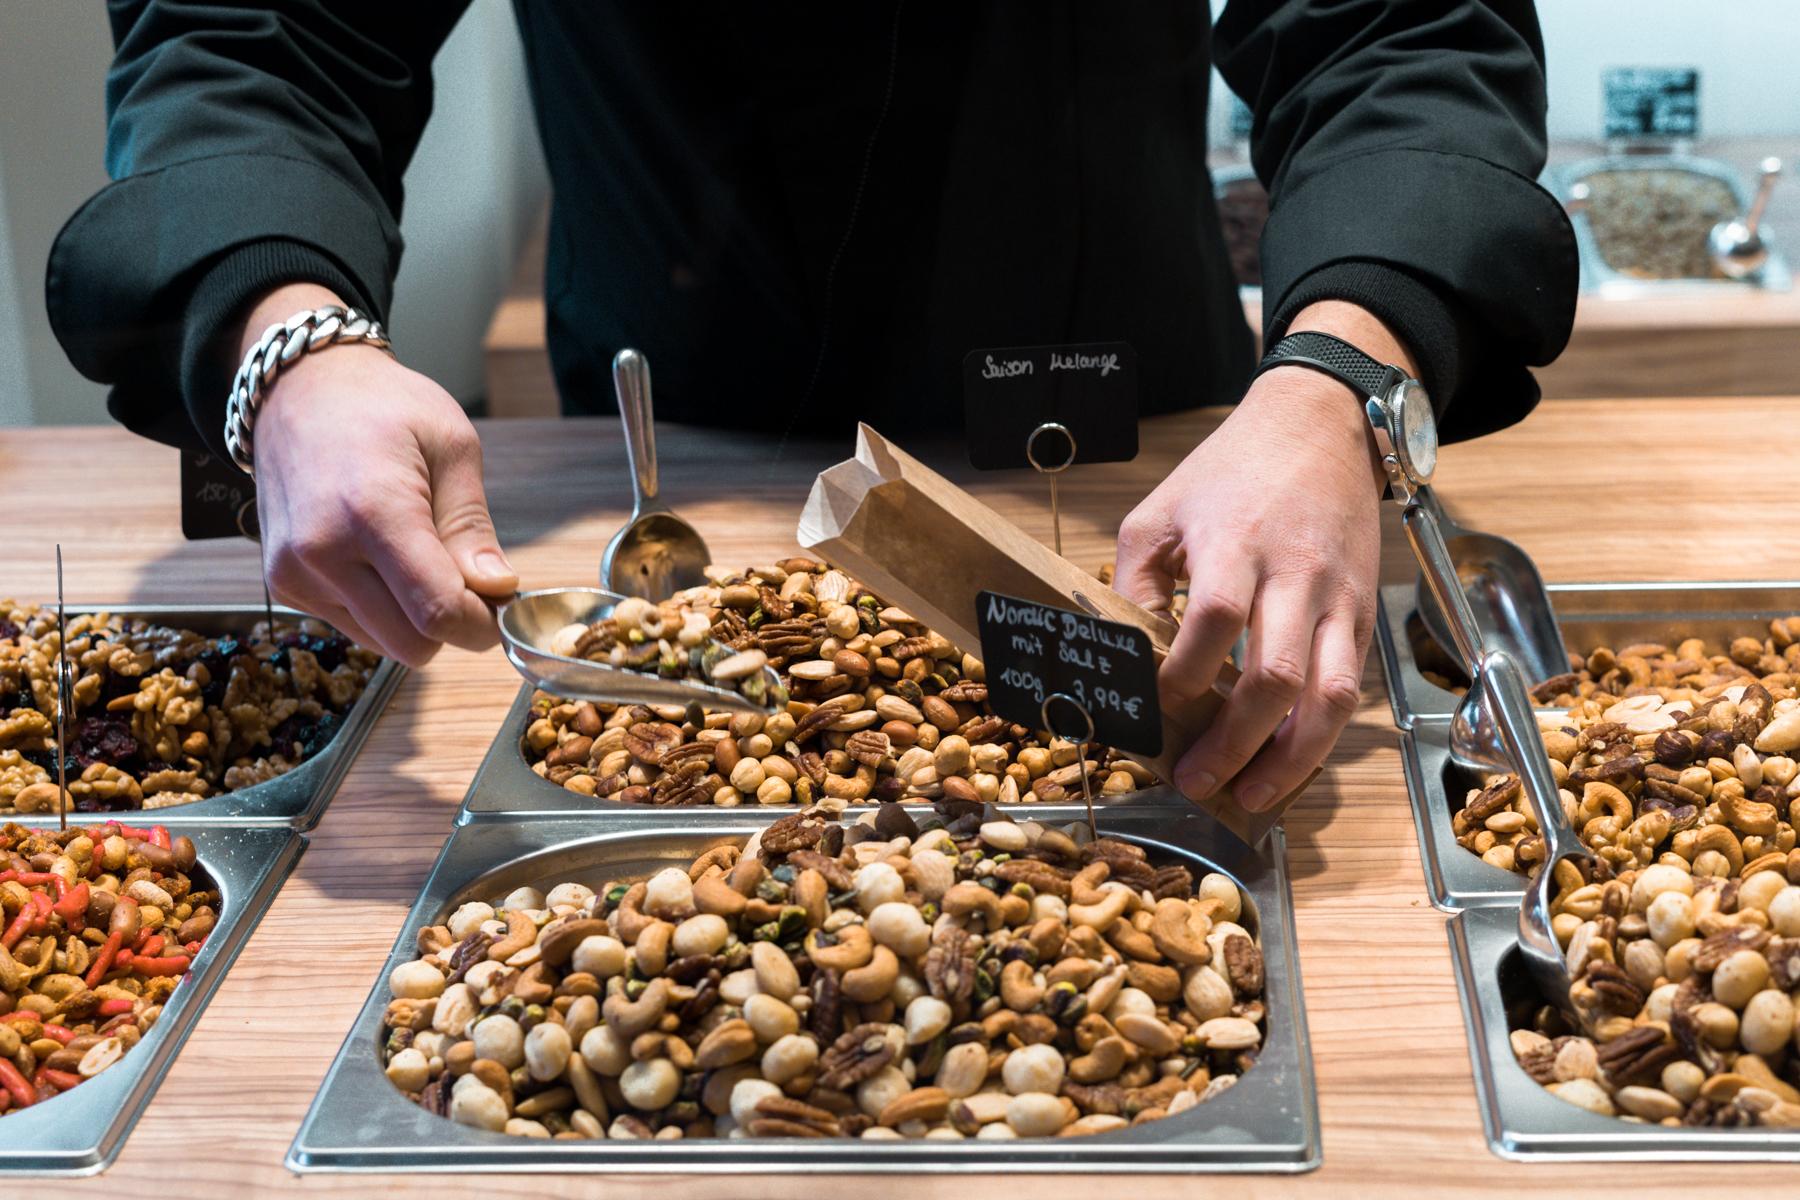 Mitarbeiter füllt Nüsse in eine Tüte.